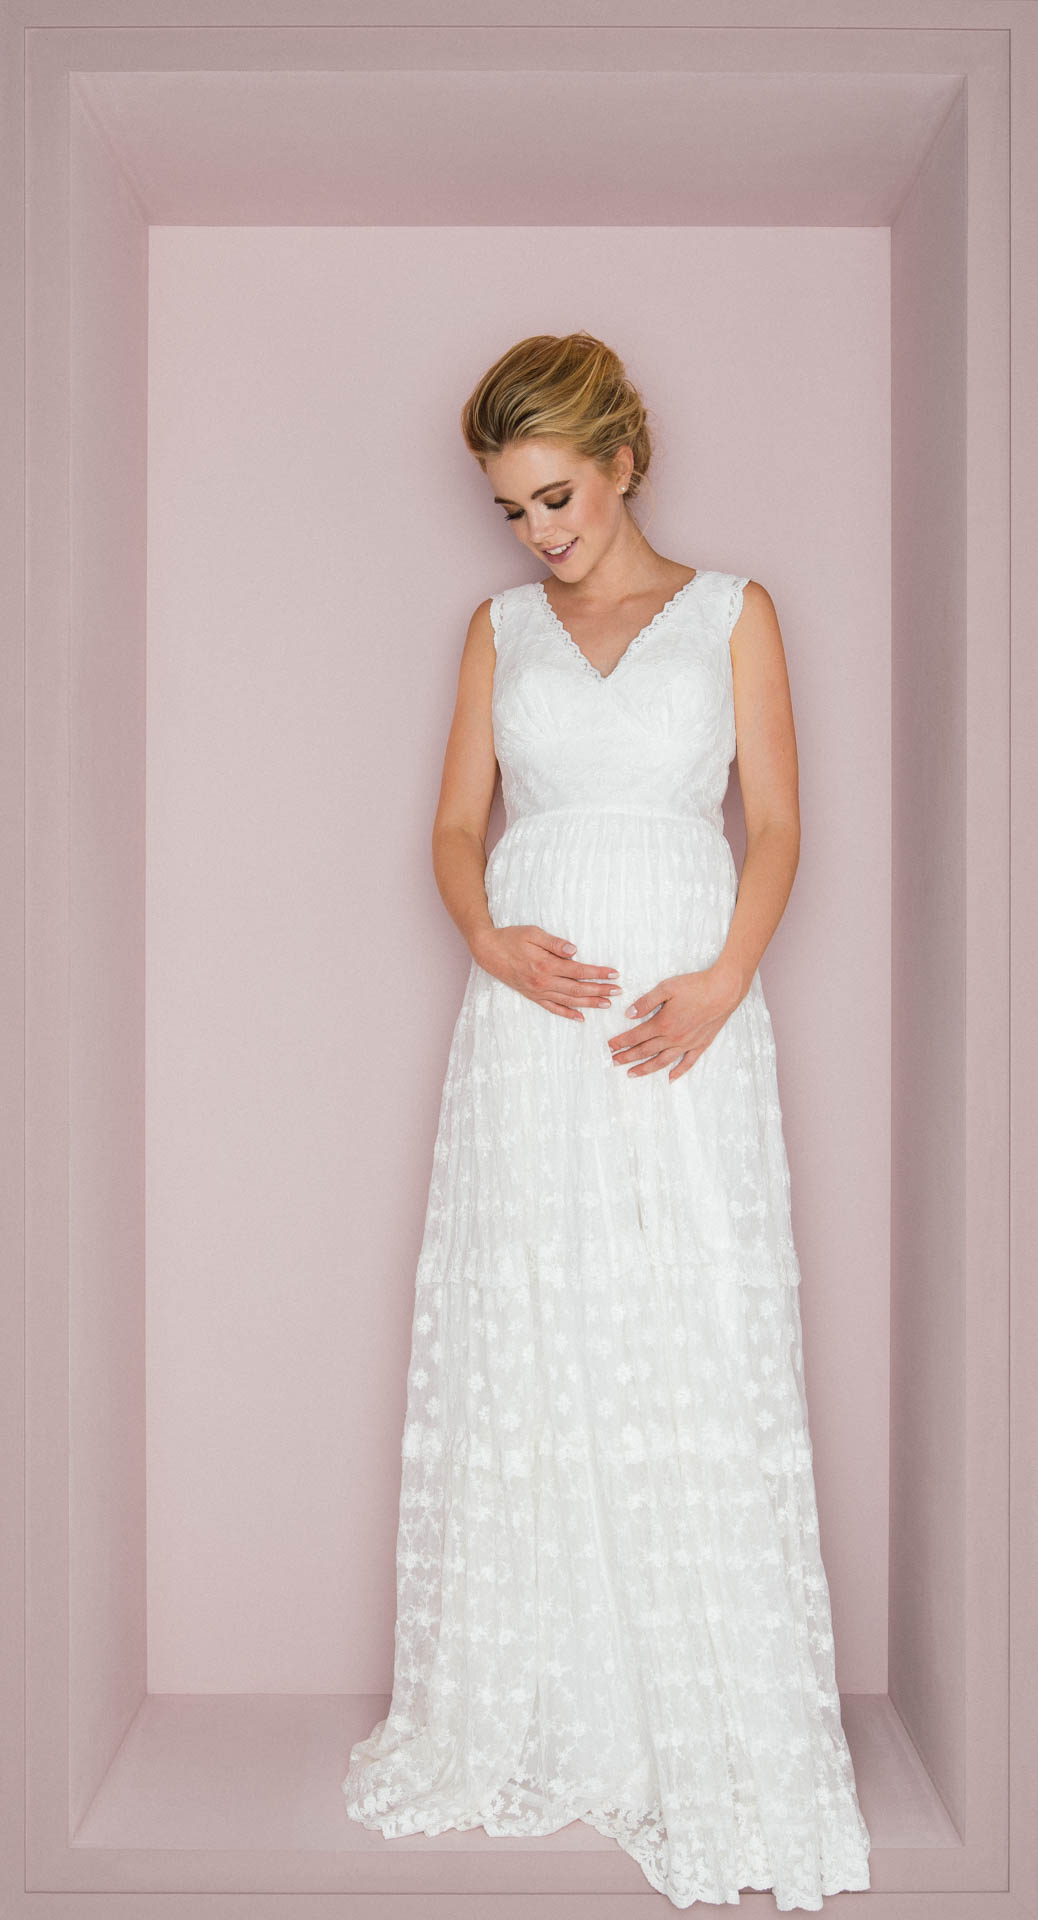 Brautkleider Fur Schwangere Mit Tragekomfort Stil Schwanger Heiraten